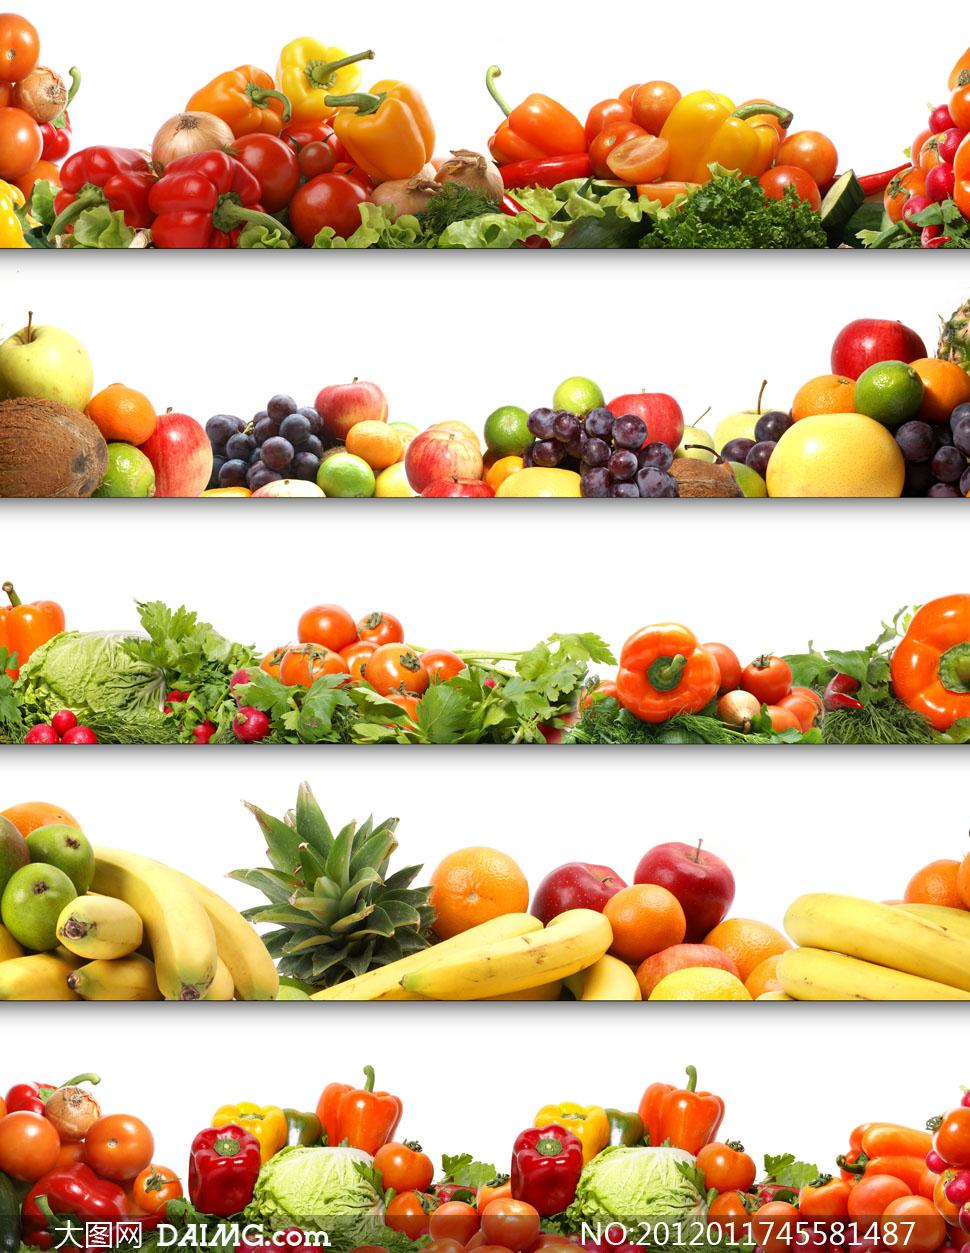 五组蔬菜水果高清摄影图片